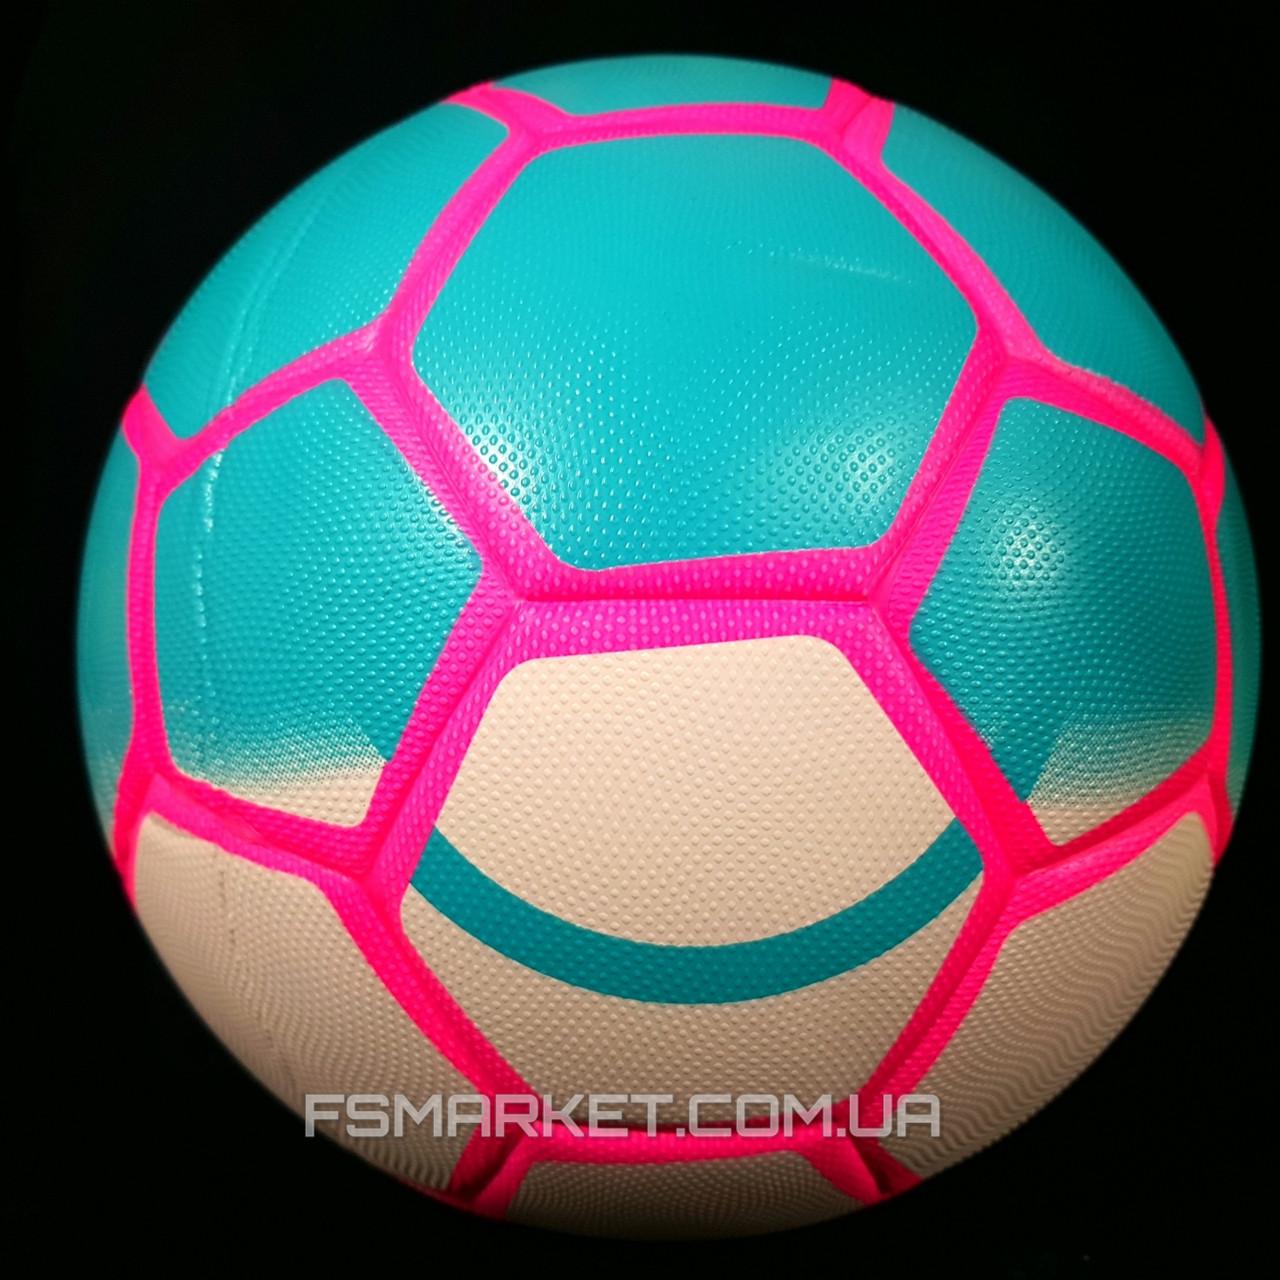 Футбольный Мяч SELECT CLASSIC FB-0081 бирюза розовый белый